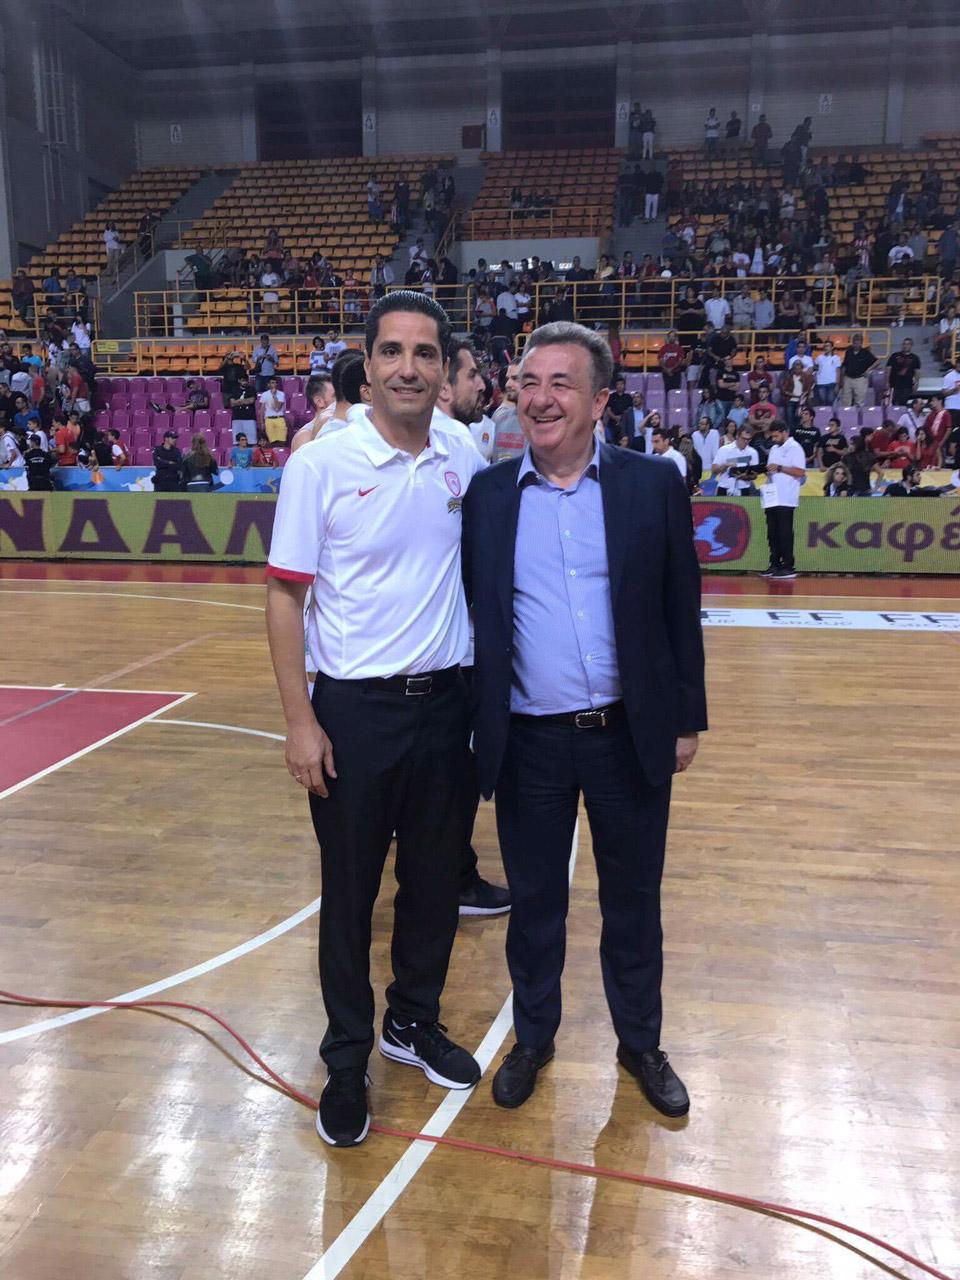 Ικανοποίηση μετά την επιτυχία του διεθνούς τουρνουά Μπάσκετ